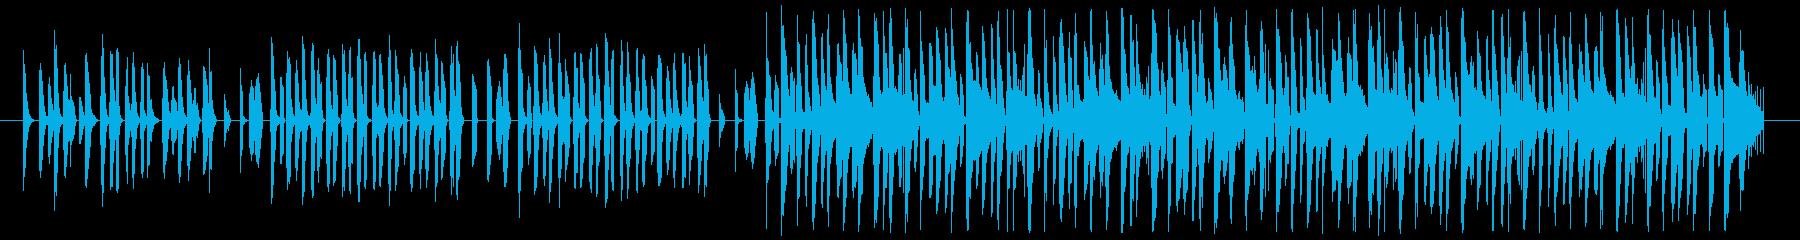 のんびりまったりなシンセとレゲエの再生済みの波形